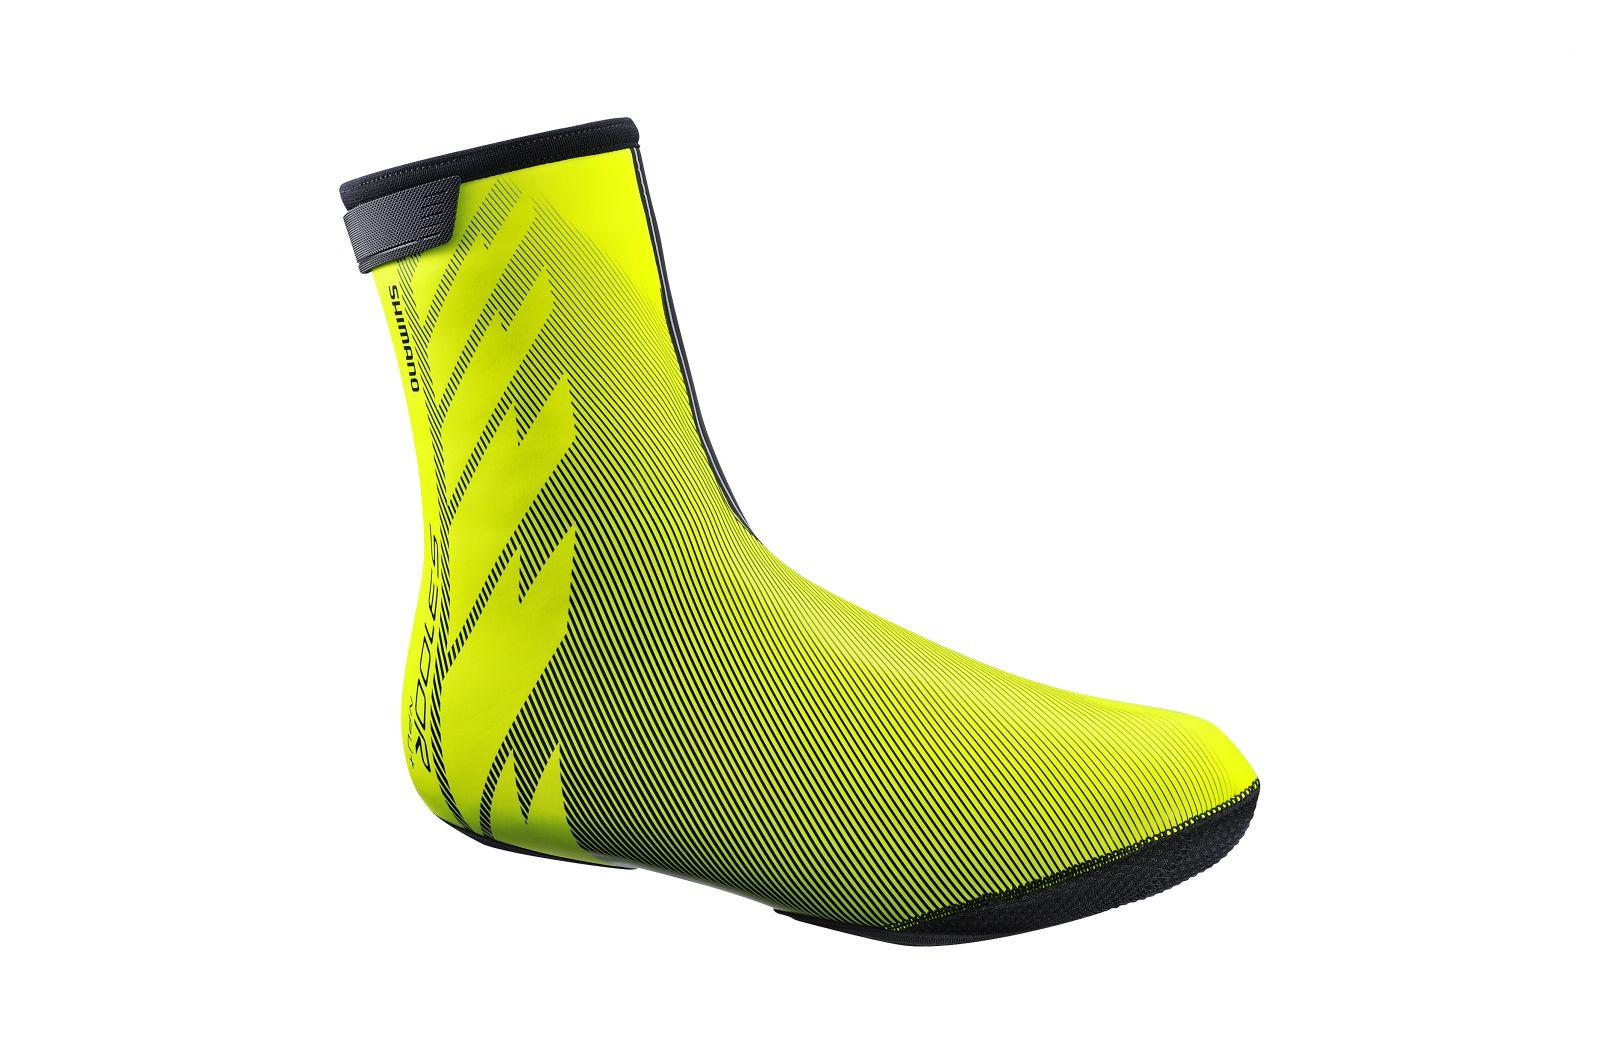 SHIMANO S3100R NPU+ návleky na obuv, Neon žlutá, L